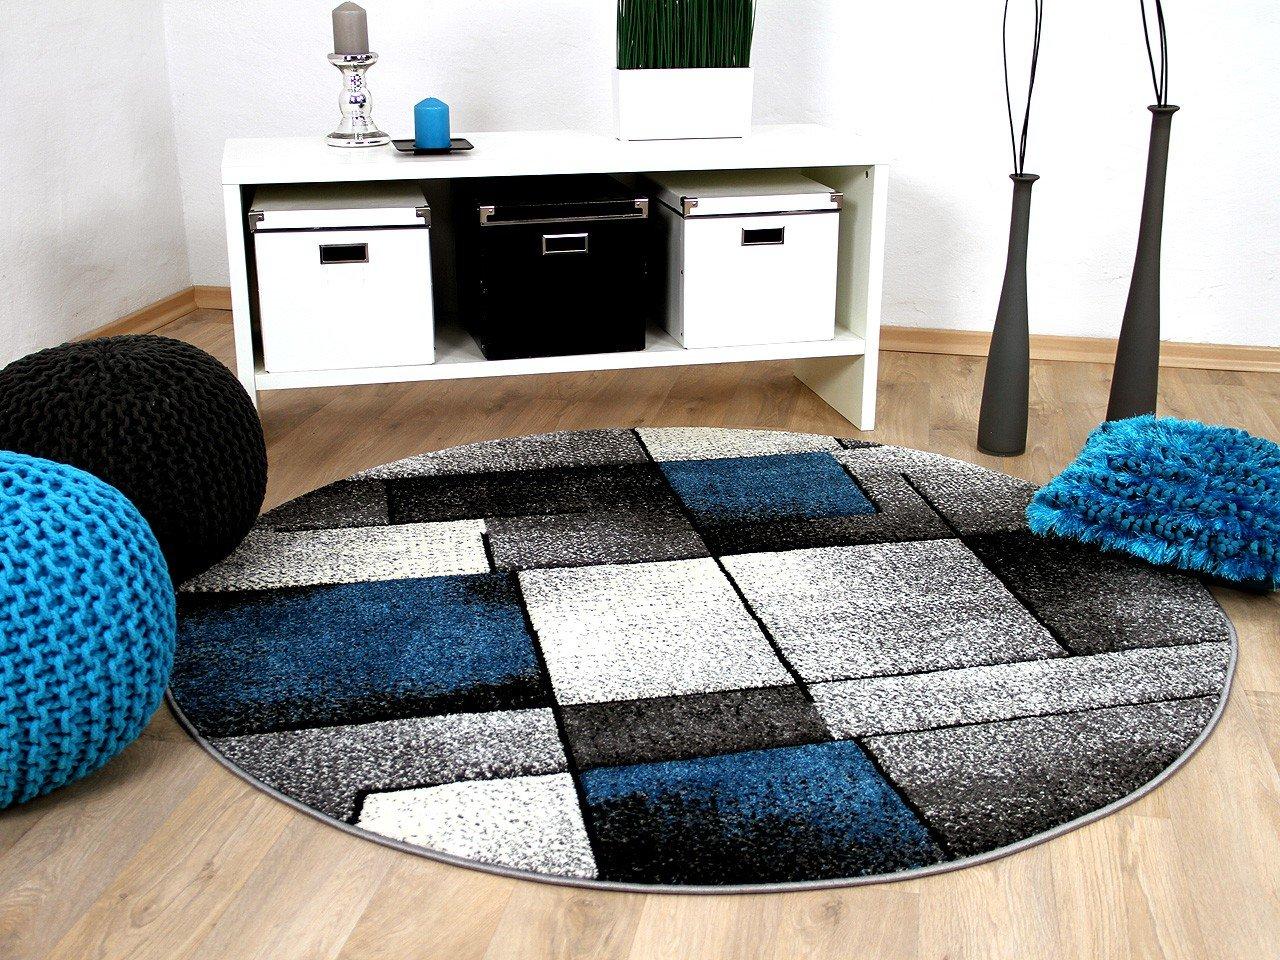 Designer Teppich Brilliant Grau Türkis Fantasy Rund in 3 Größen